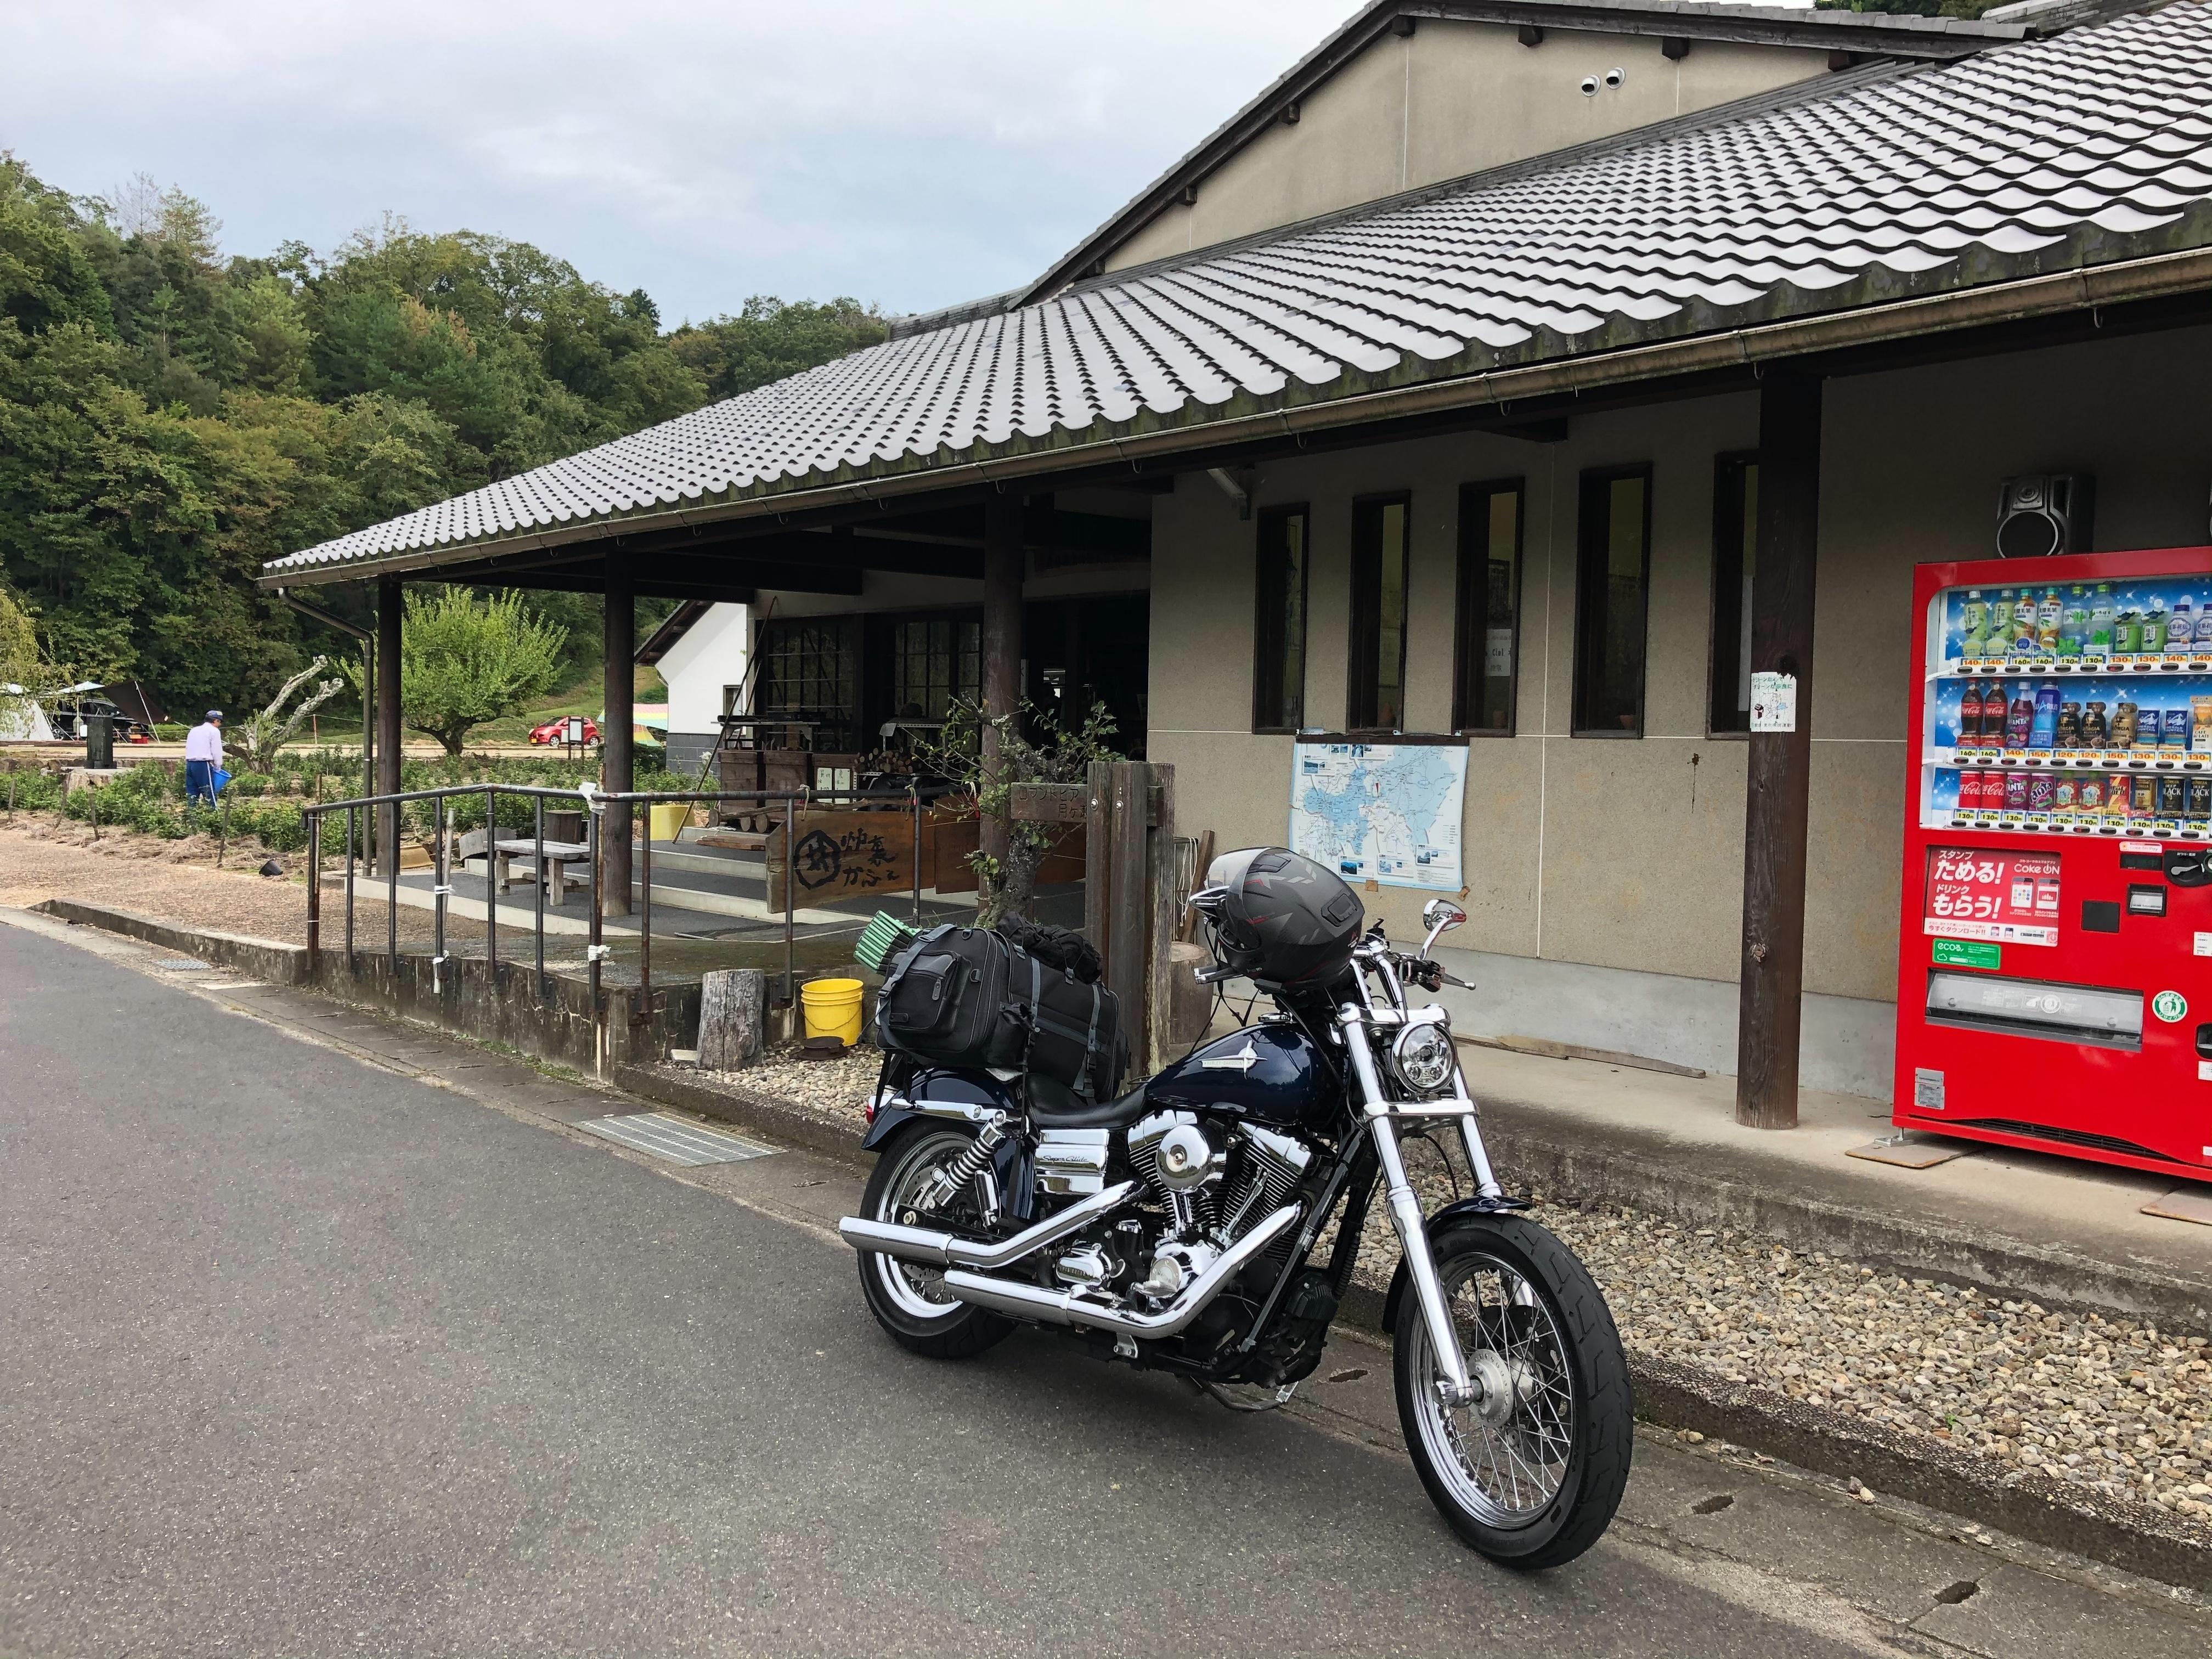 ぴーきちハーレーブログ ロマントピア月ケ瀬 奈良県 キャンプ場